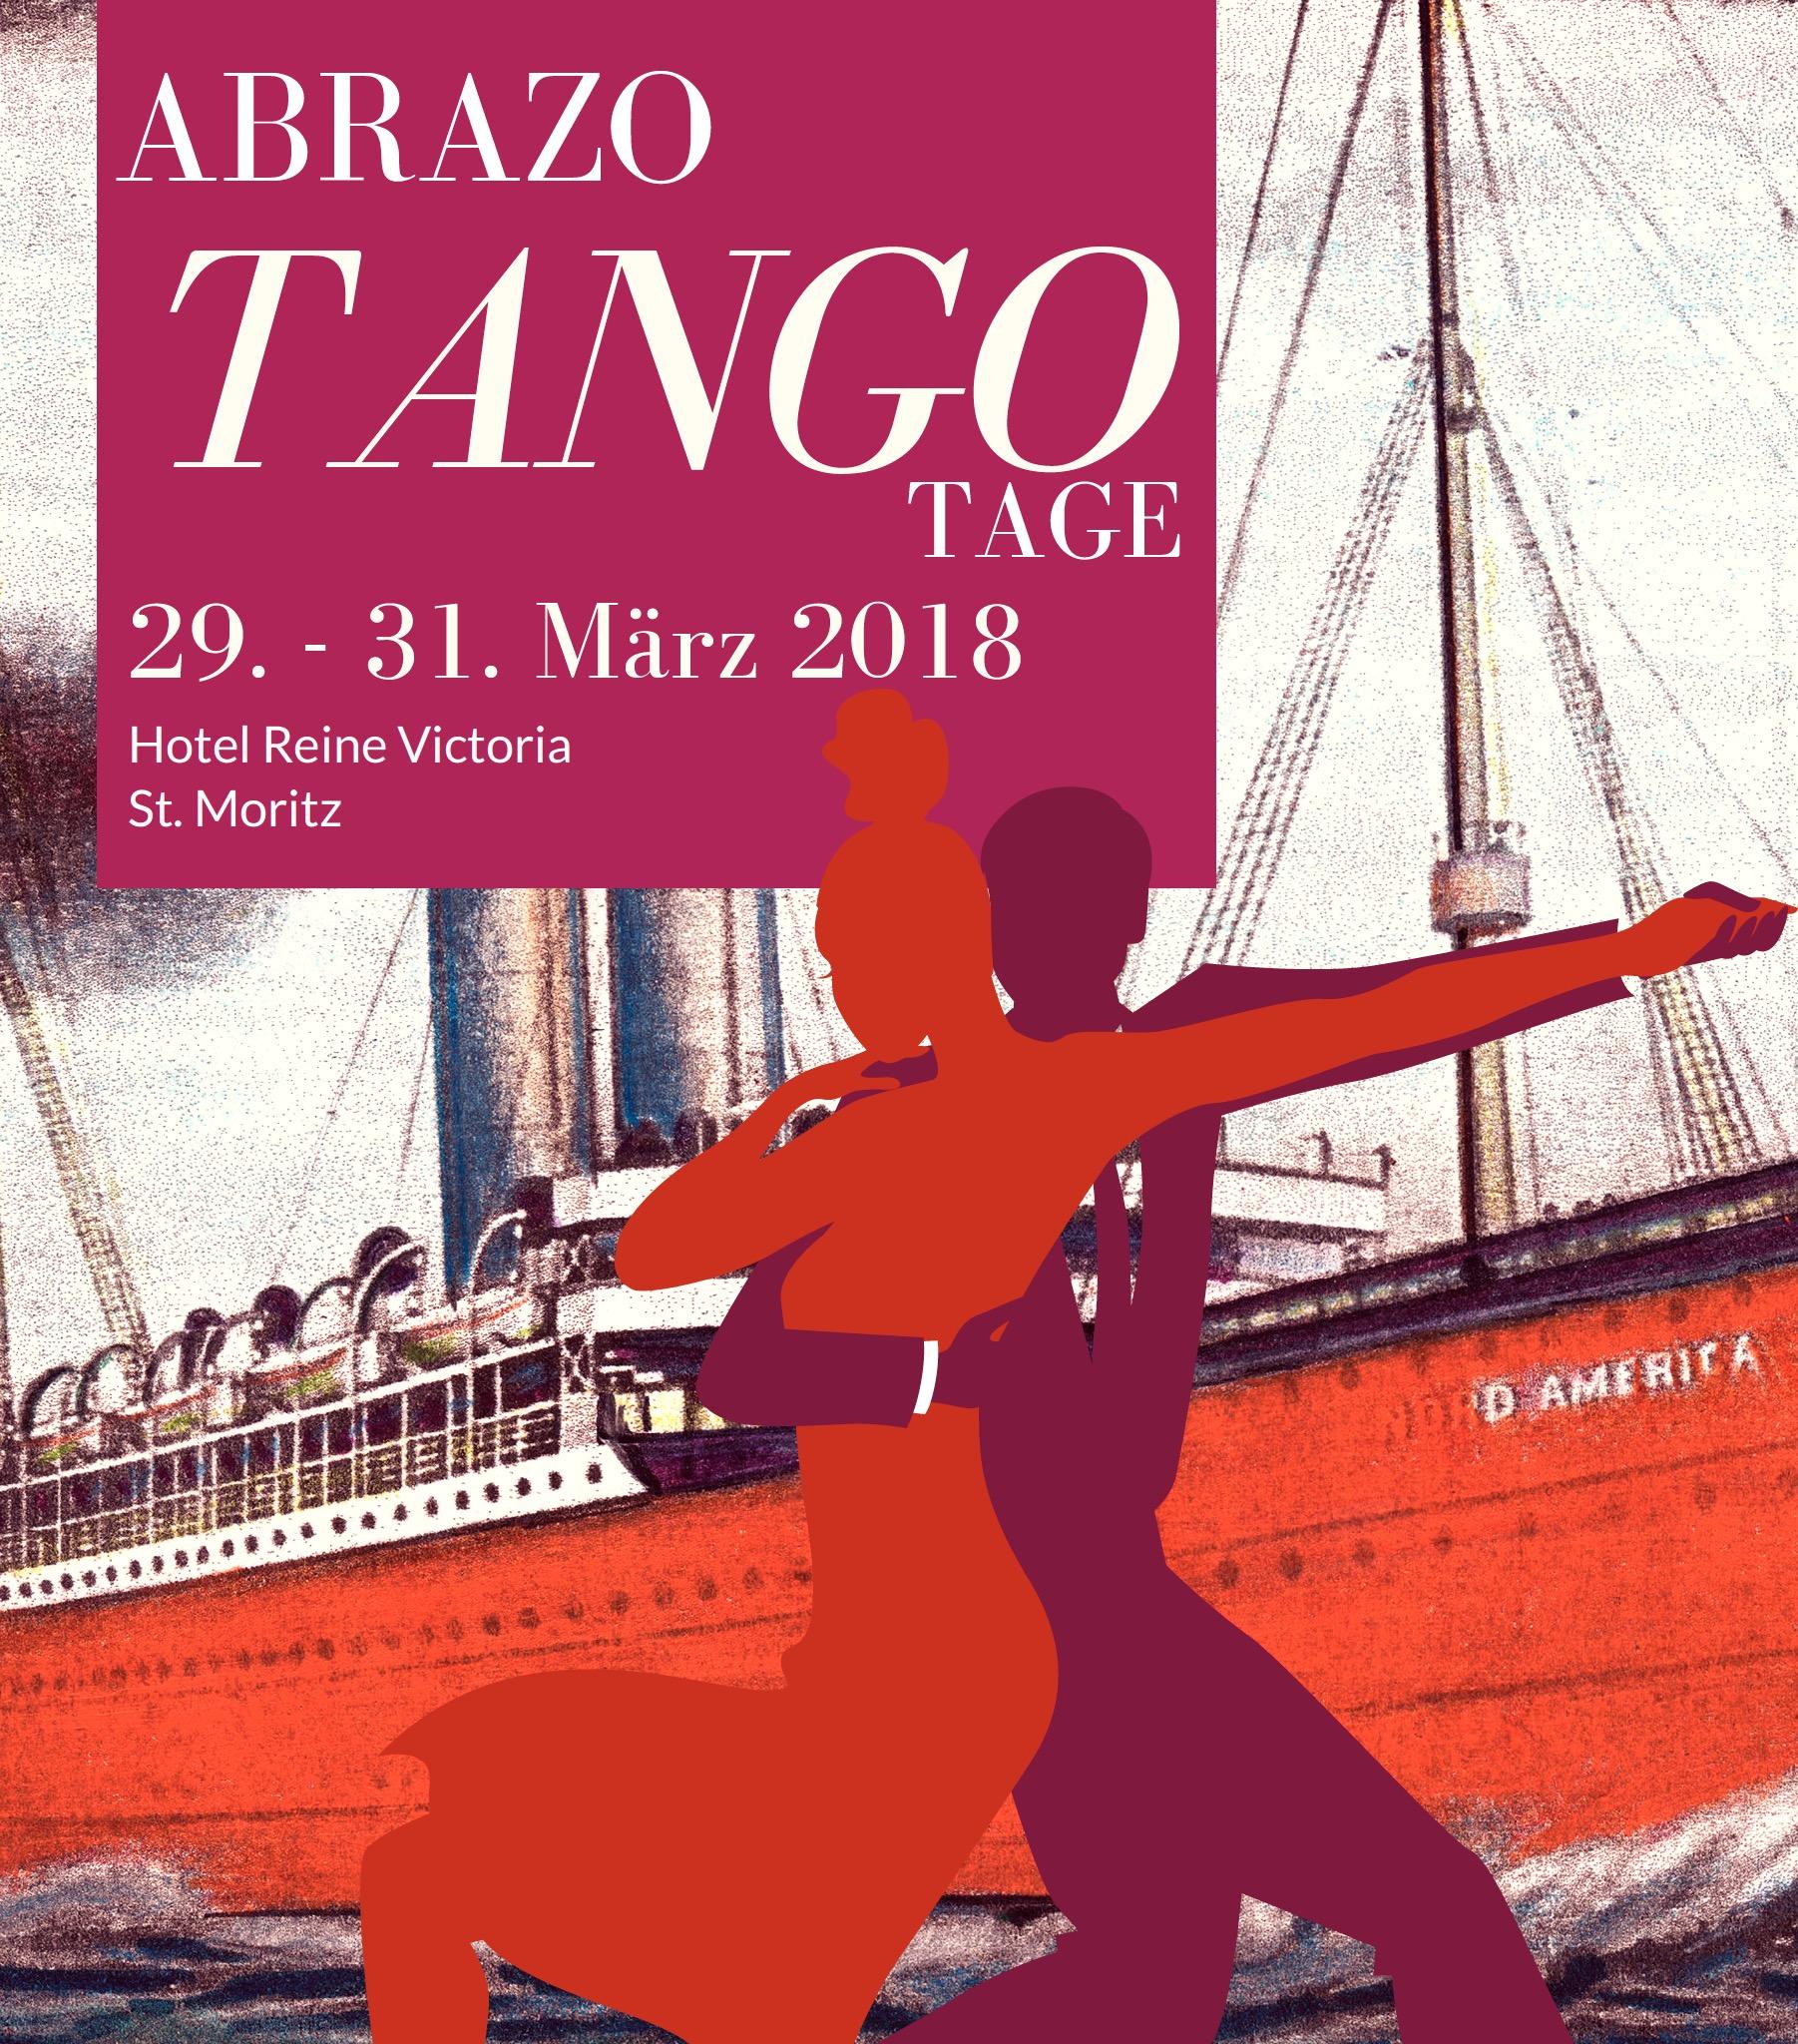 Abrazo Tango Tage St Moritz